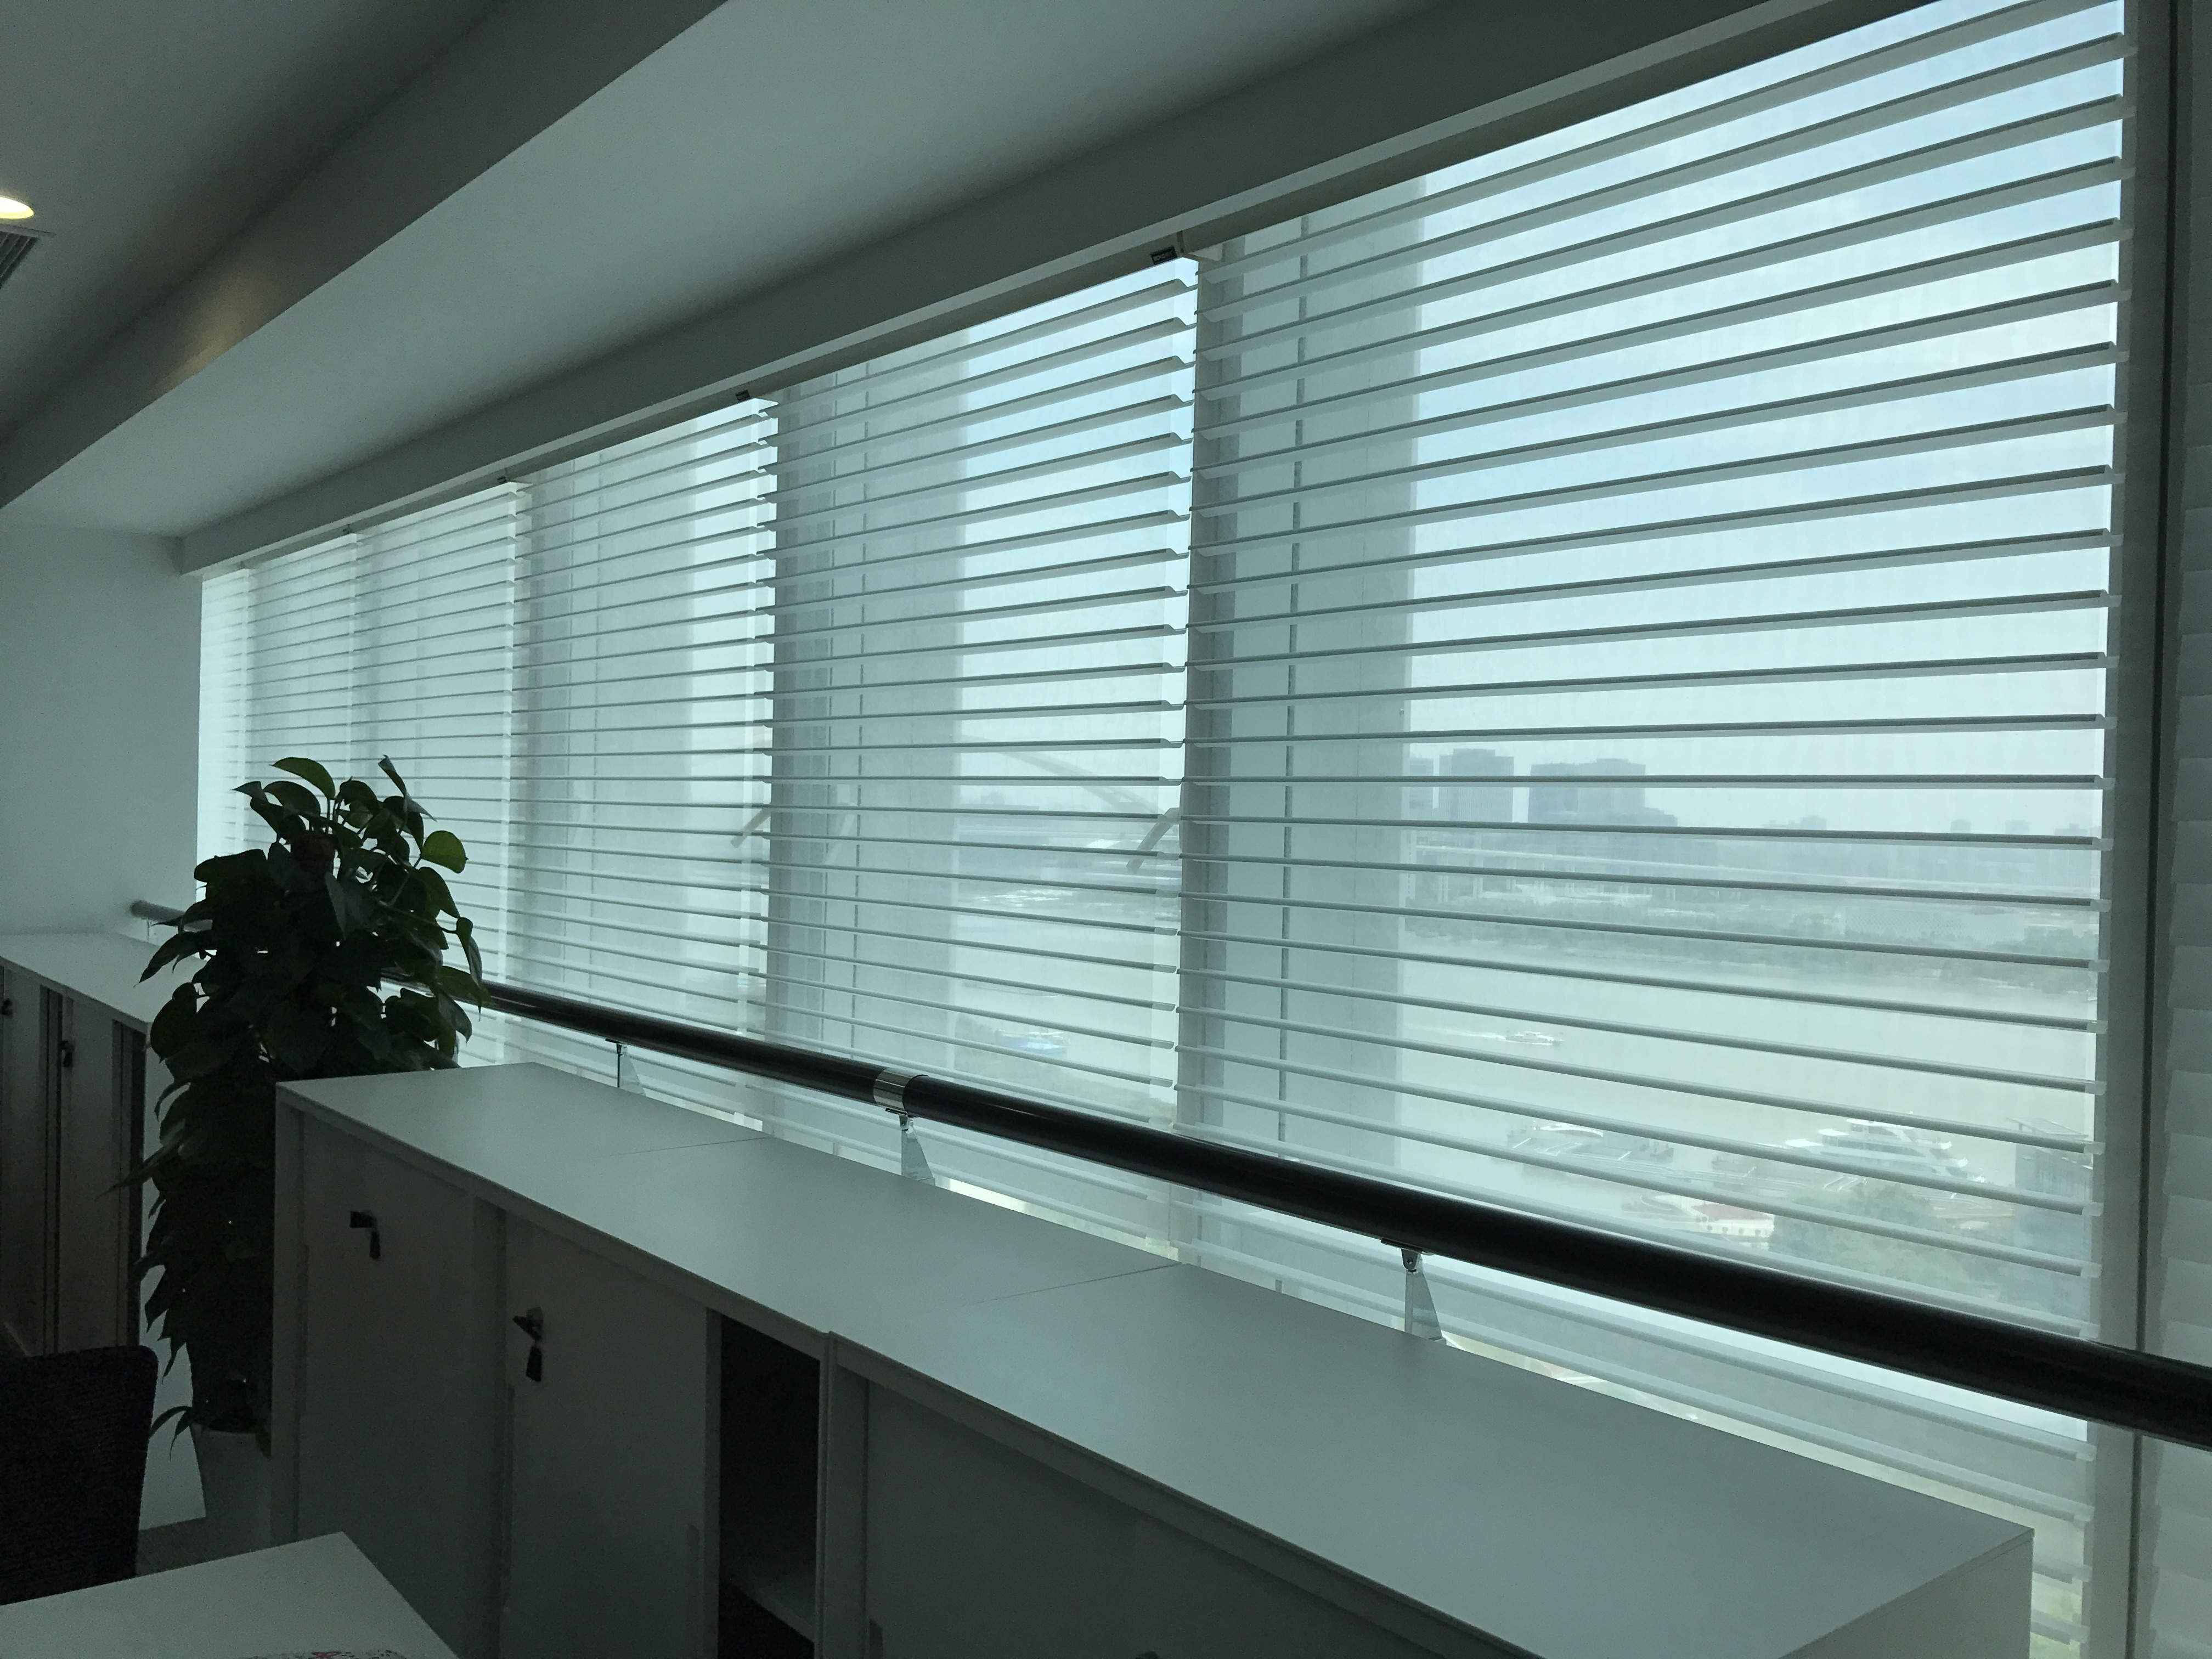 上海恒丰银行遮阳窗帘项目